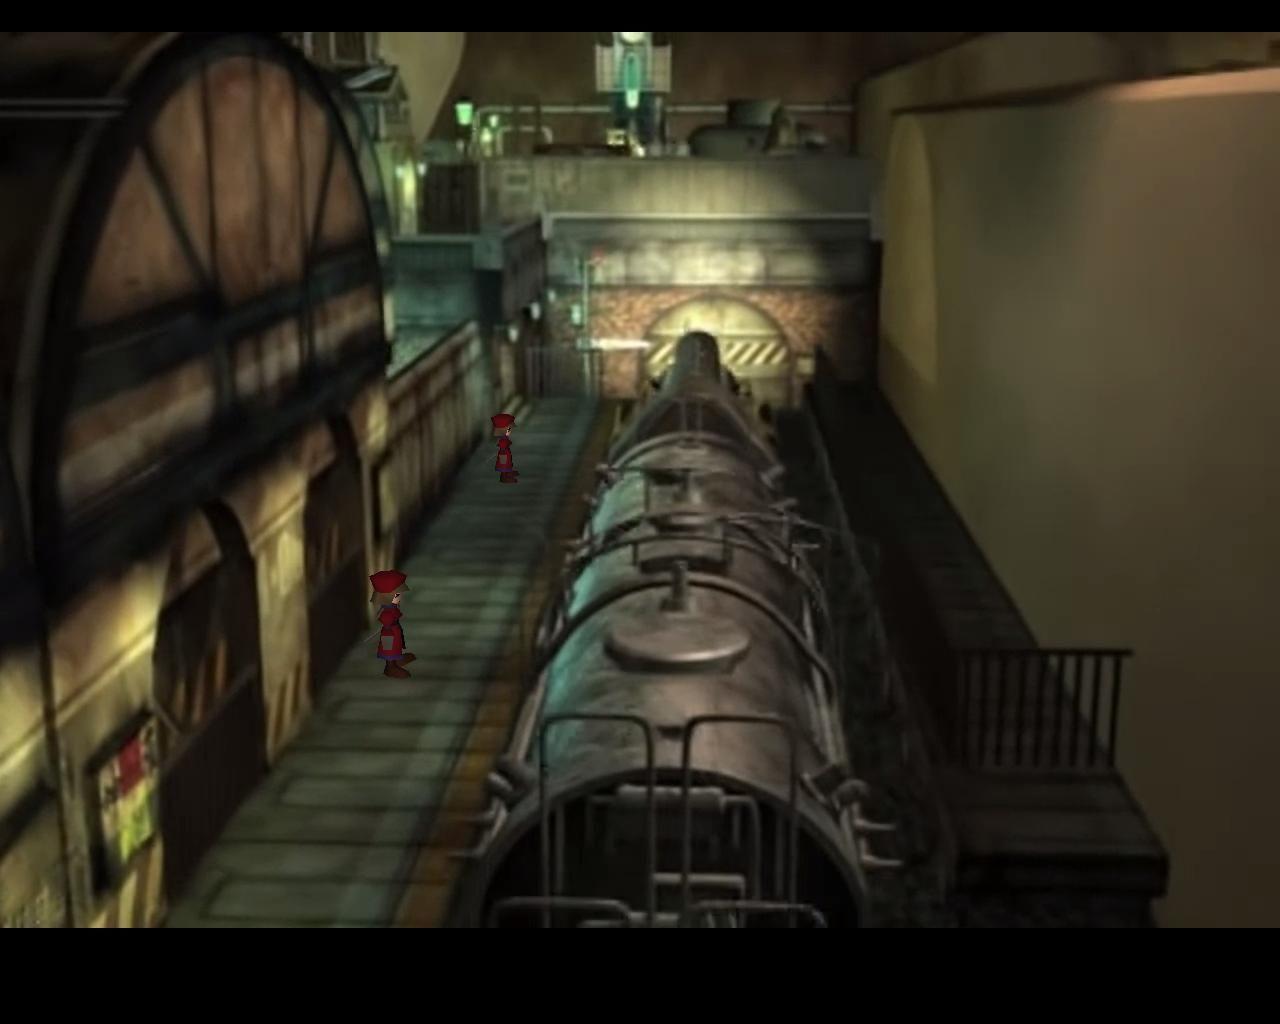 Después de salir del tren ¿cómo se pueden obtener las primeras dos pociones del juego?